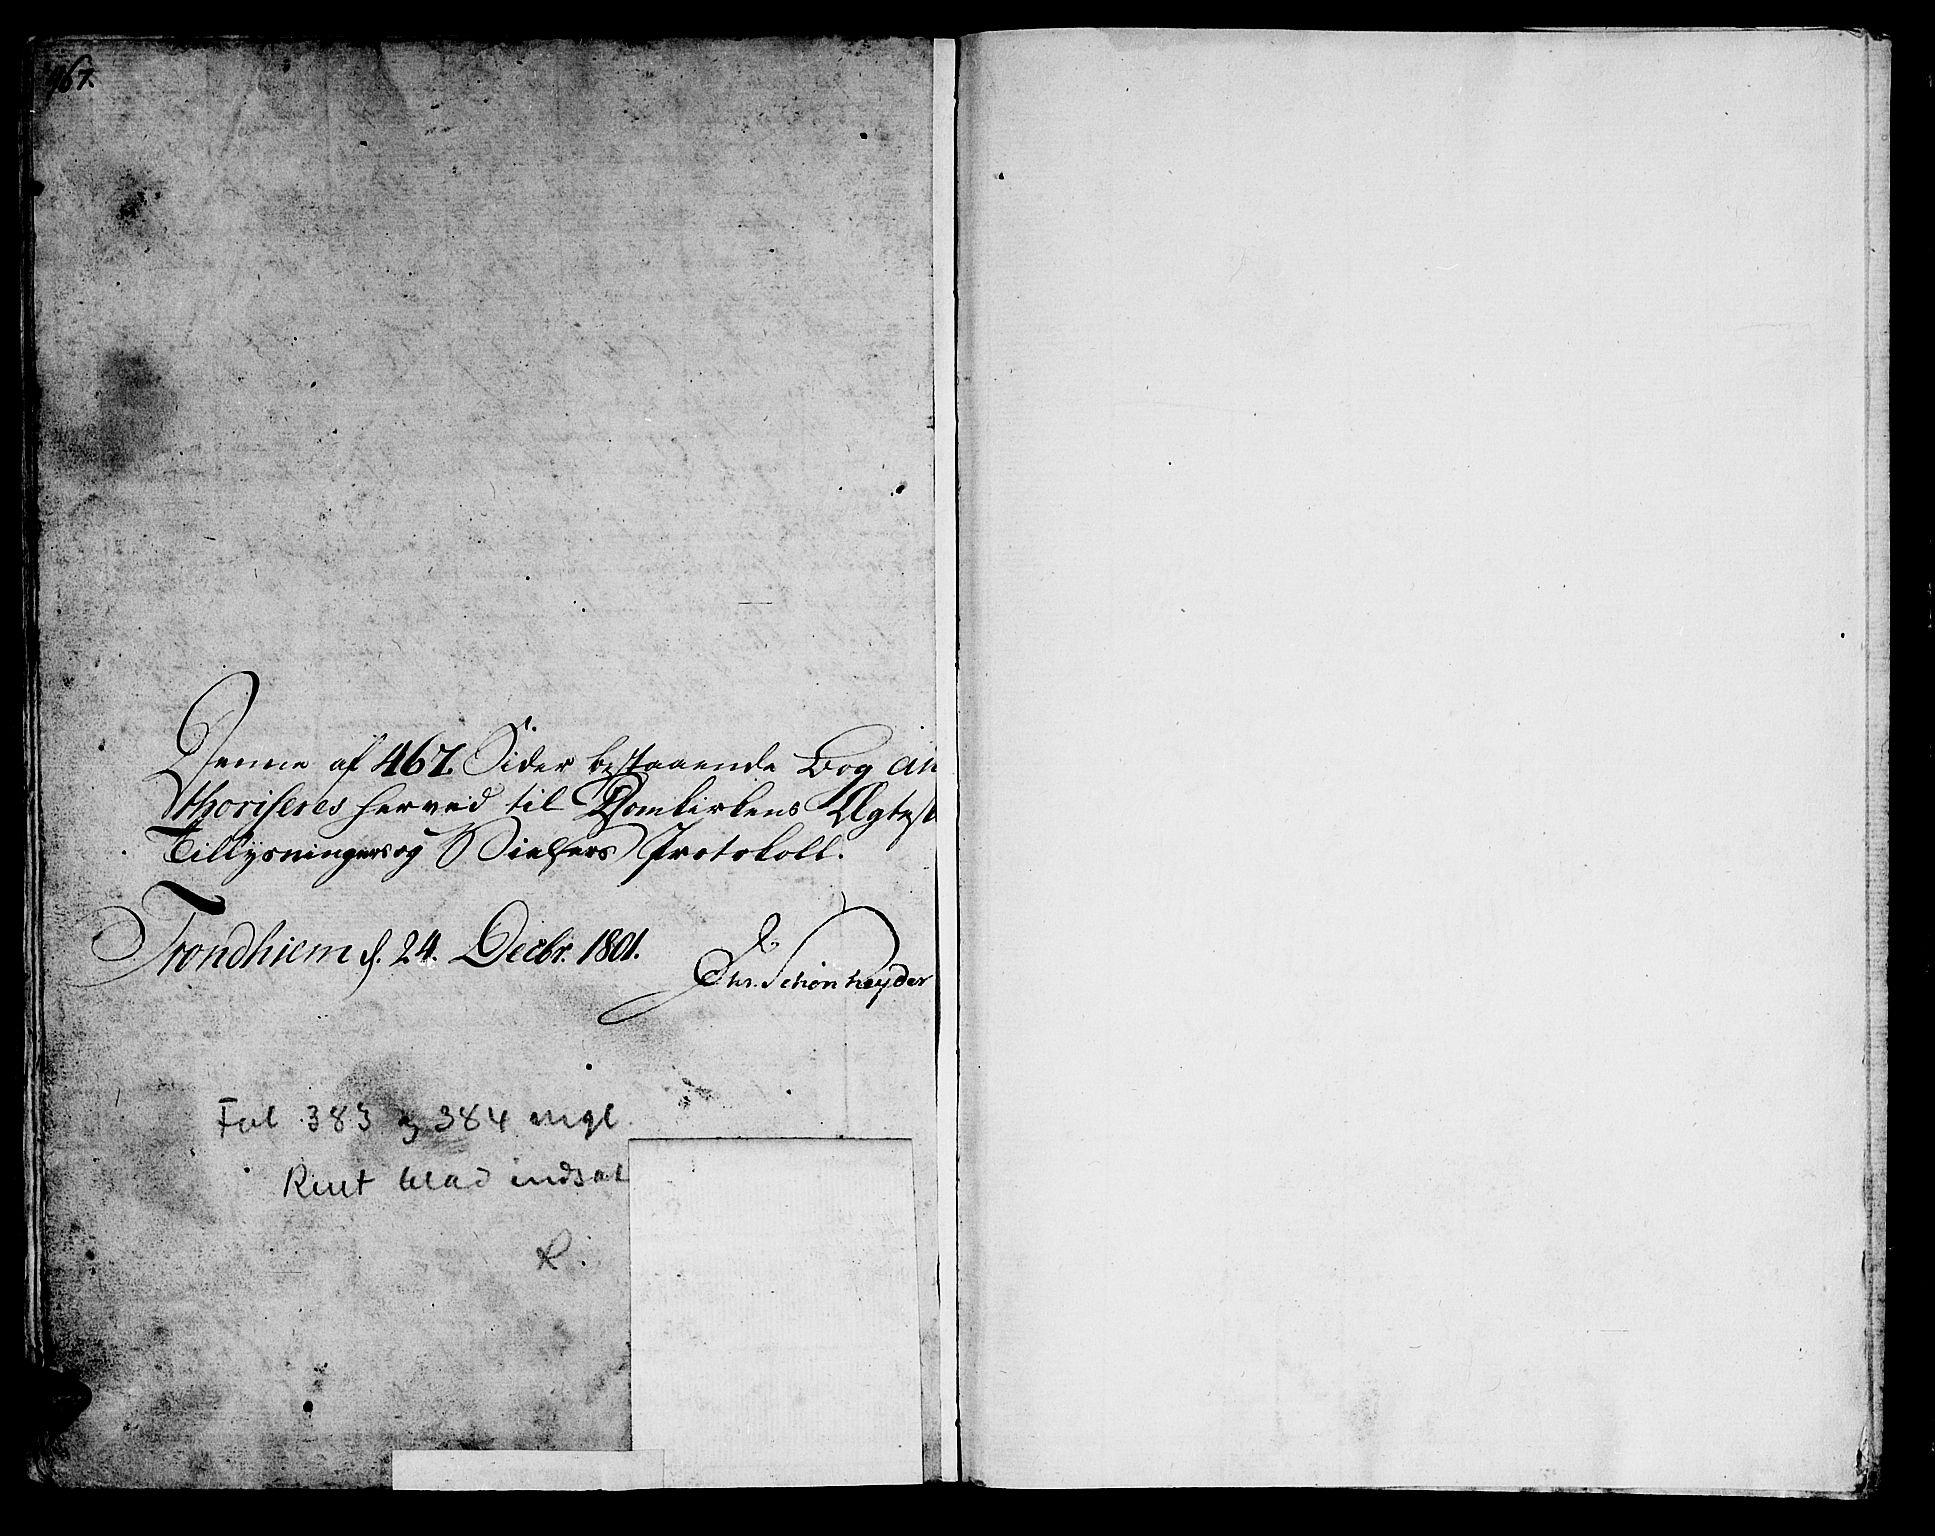 SAT, Ministerialprotokoller, klokkerbøker og fødselsregistre - Sør-Trøndelag, 601/L0042: Ministerialbok nr. 601A10, 1802-1830, s. 467-468